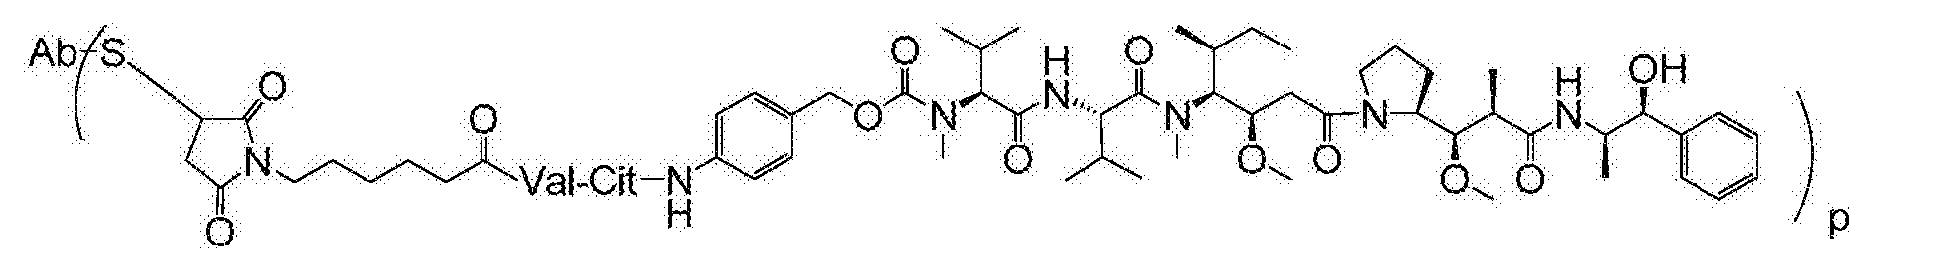 Figure CN106413756AC00022